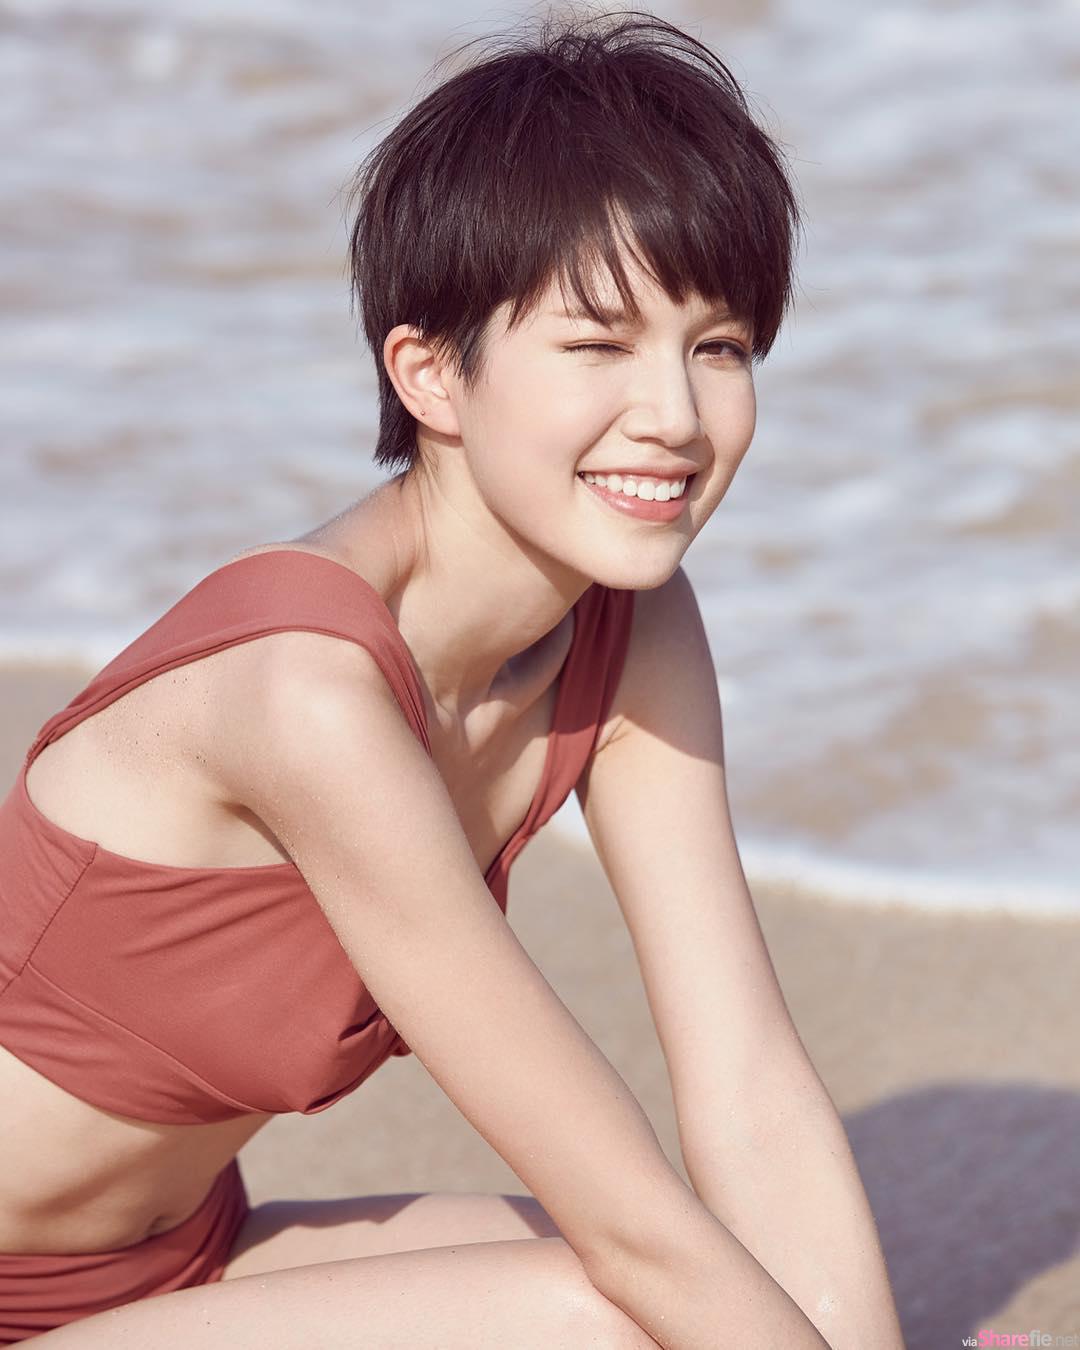 香港正妹苏皓儿,笑容甜美